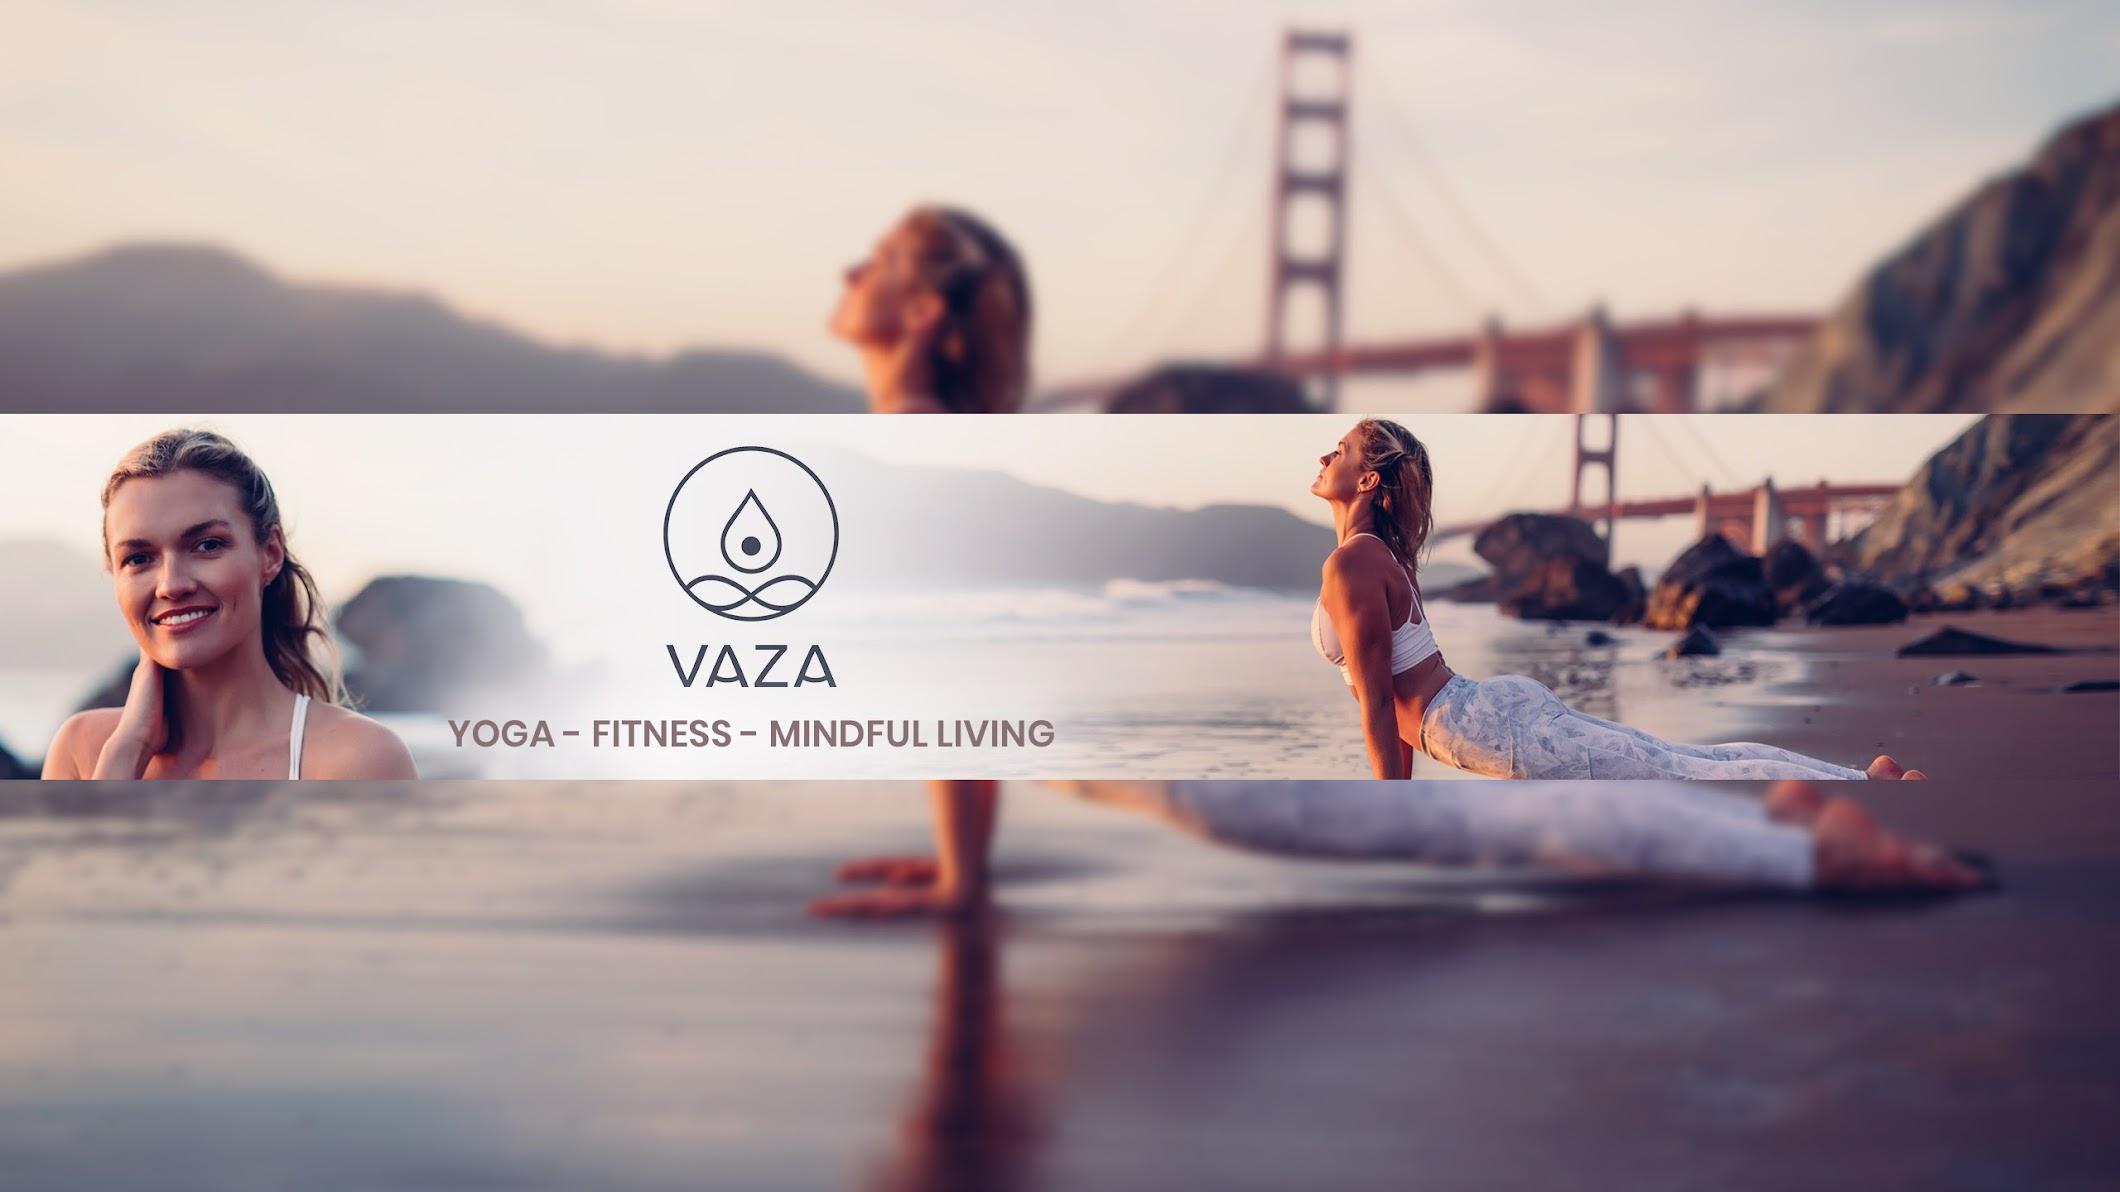 Vaza Yoga